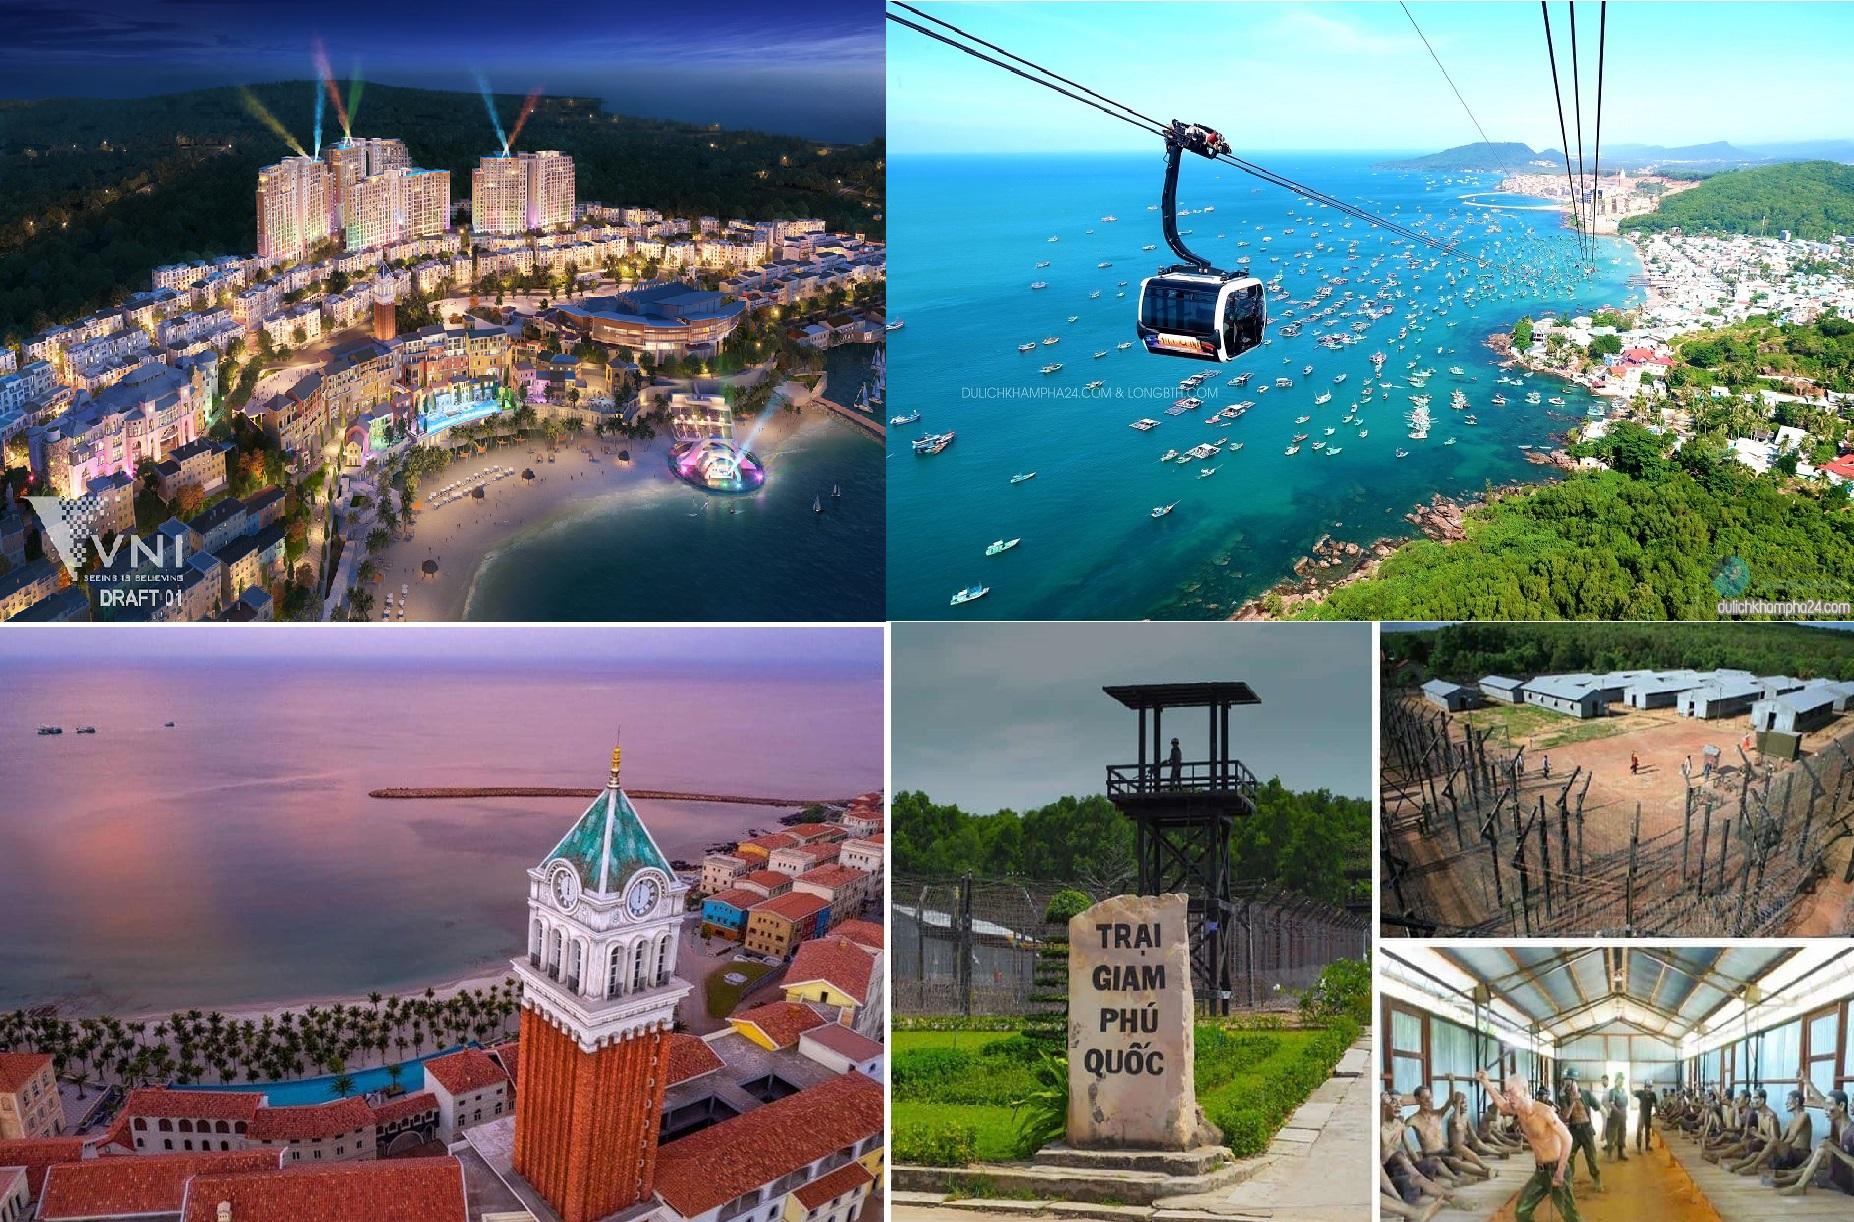 Dự án Sun Tropical Village bãi Kem liền kề các tiện ích ngoại khu nổi bật của Nam Phú Quốc